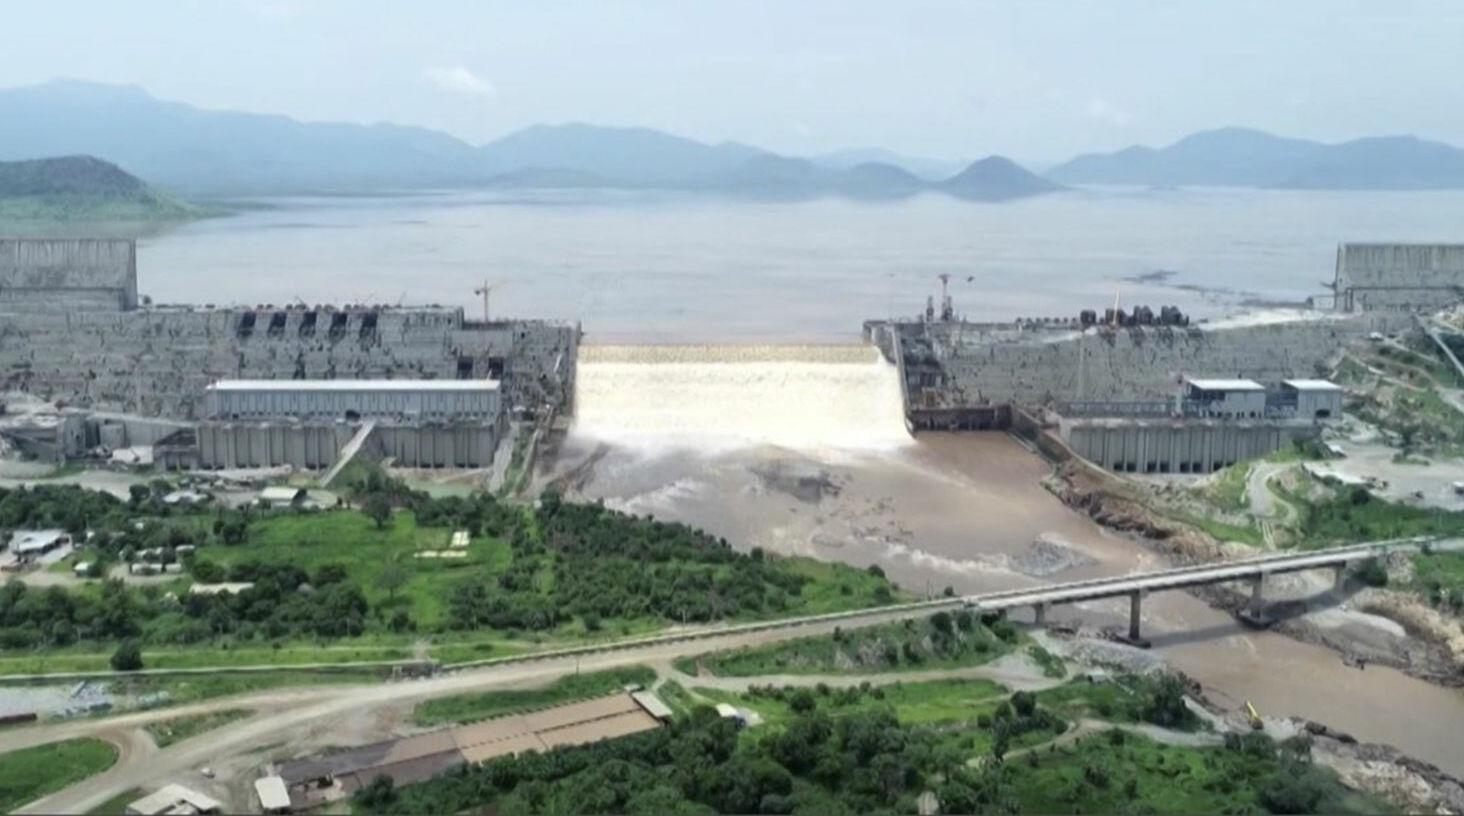 بيان من وزارة الخارجية المصرية حول سد النهضة رداً على التصريحات الأثيوبية بملء وتشغيل السد دون اتفاق 2